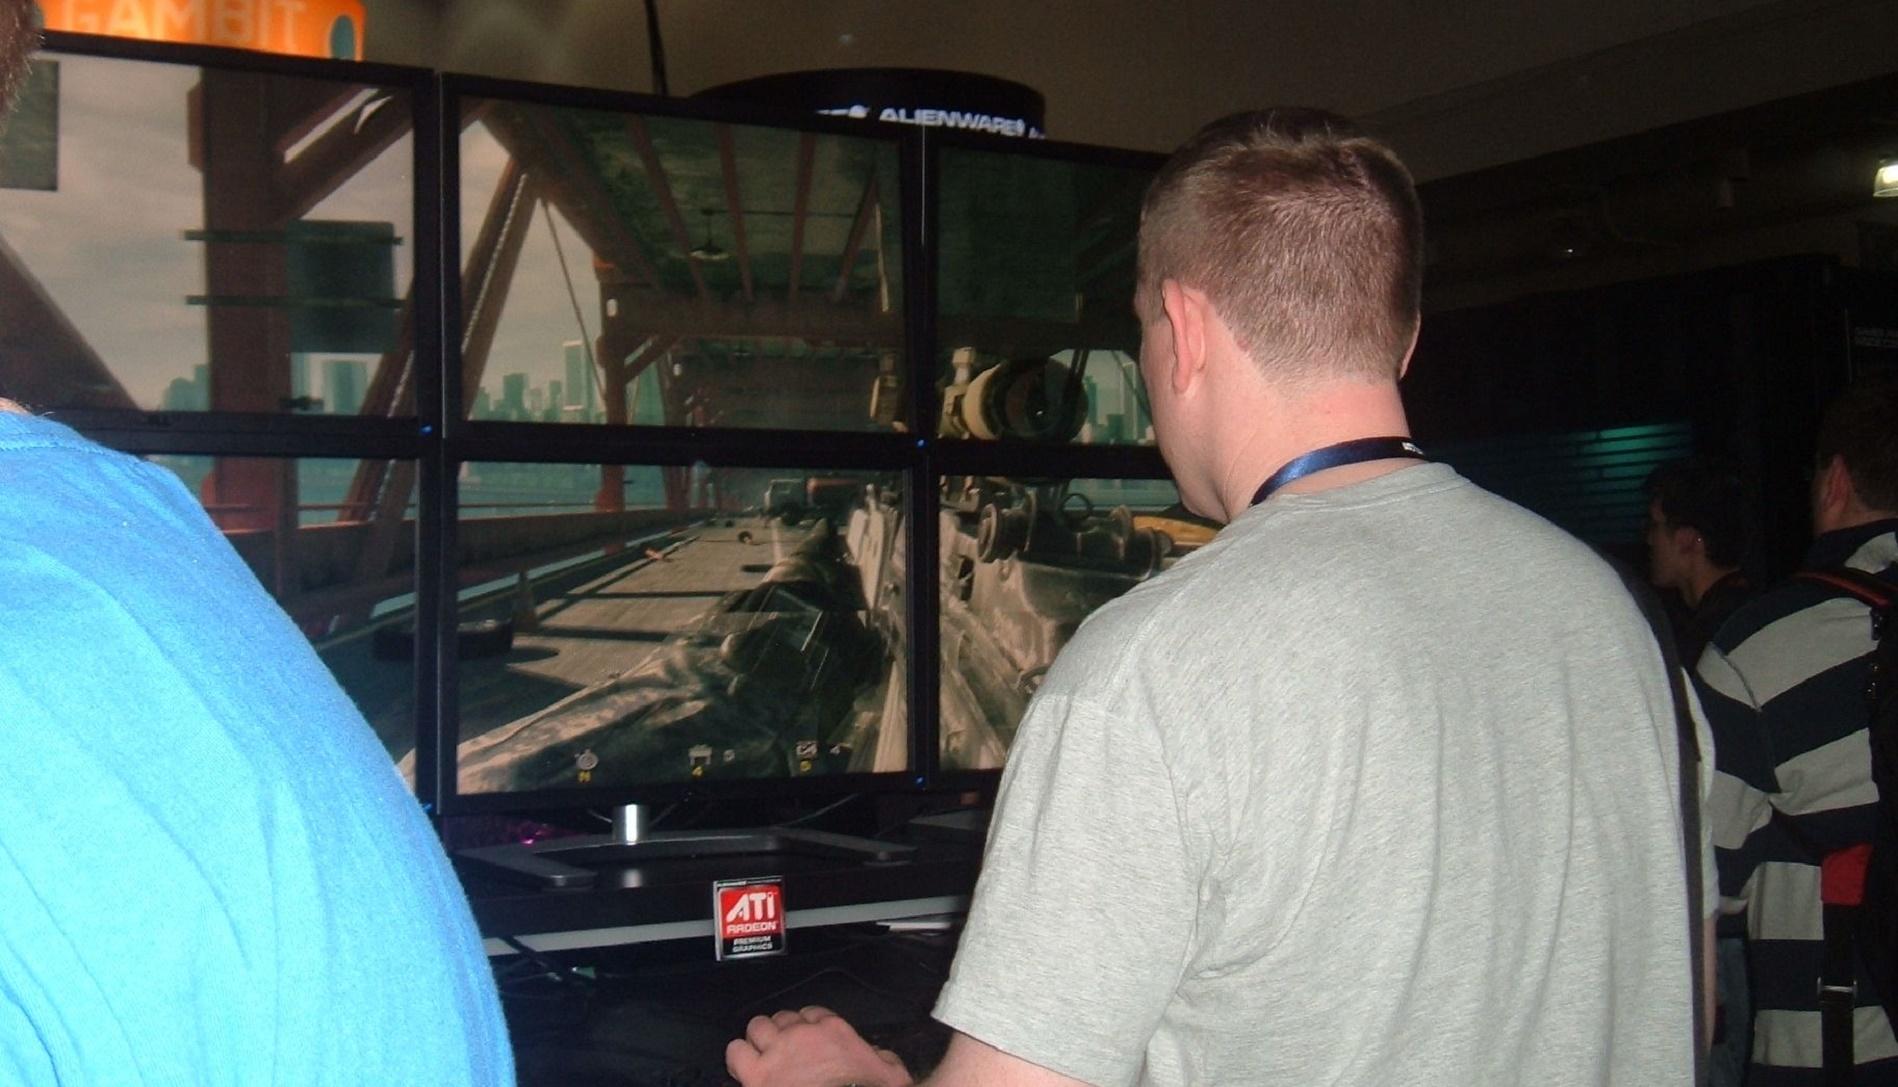 Un estudio apunta un vínculo entre videojuegos y buen rendimiento académico